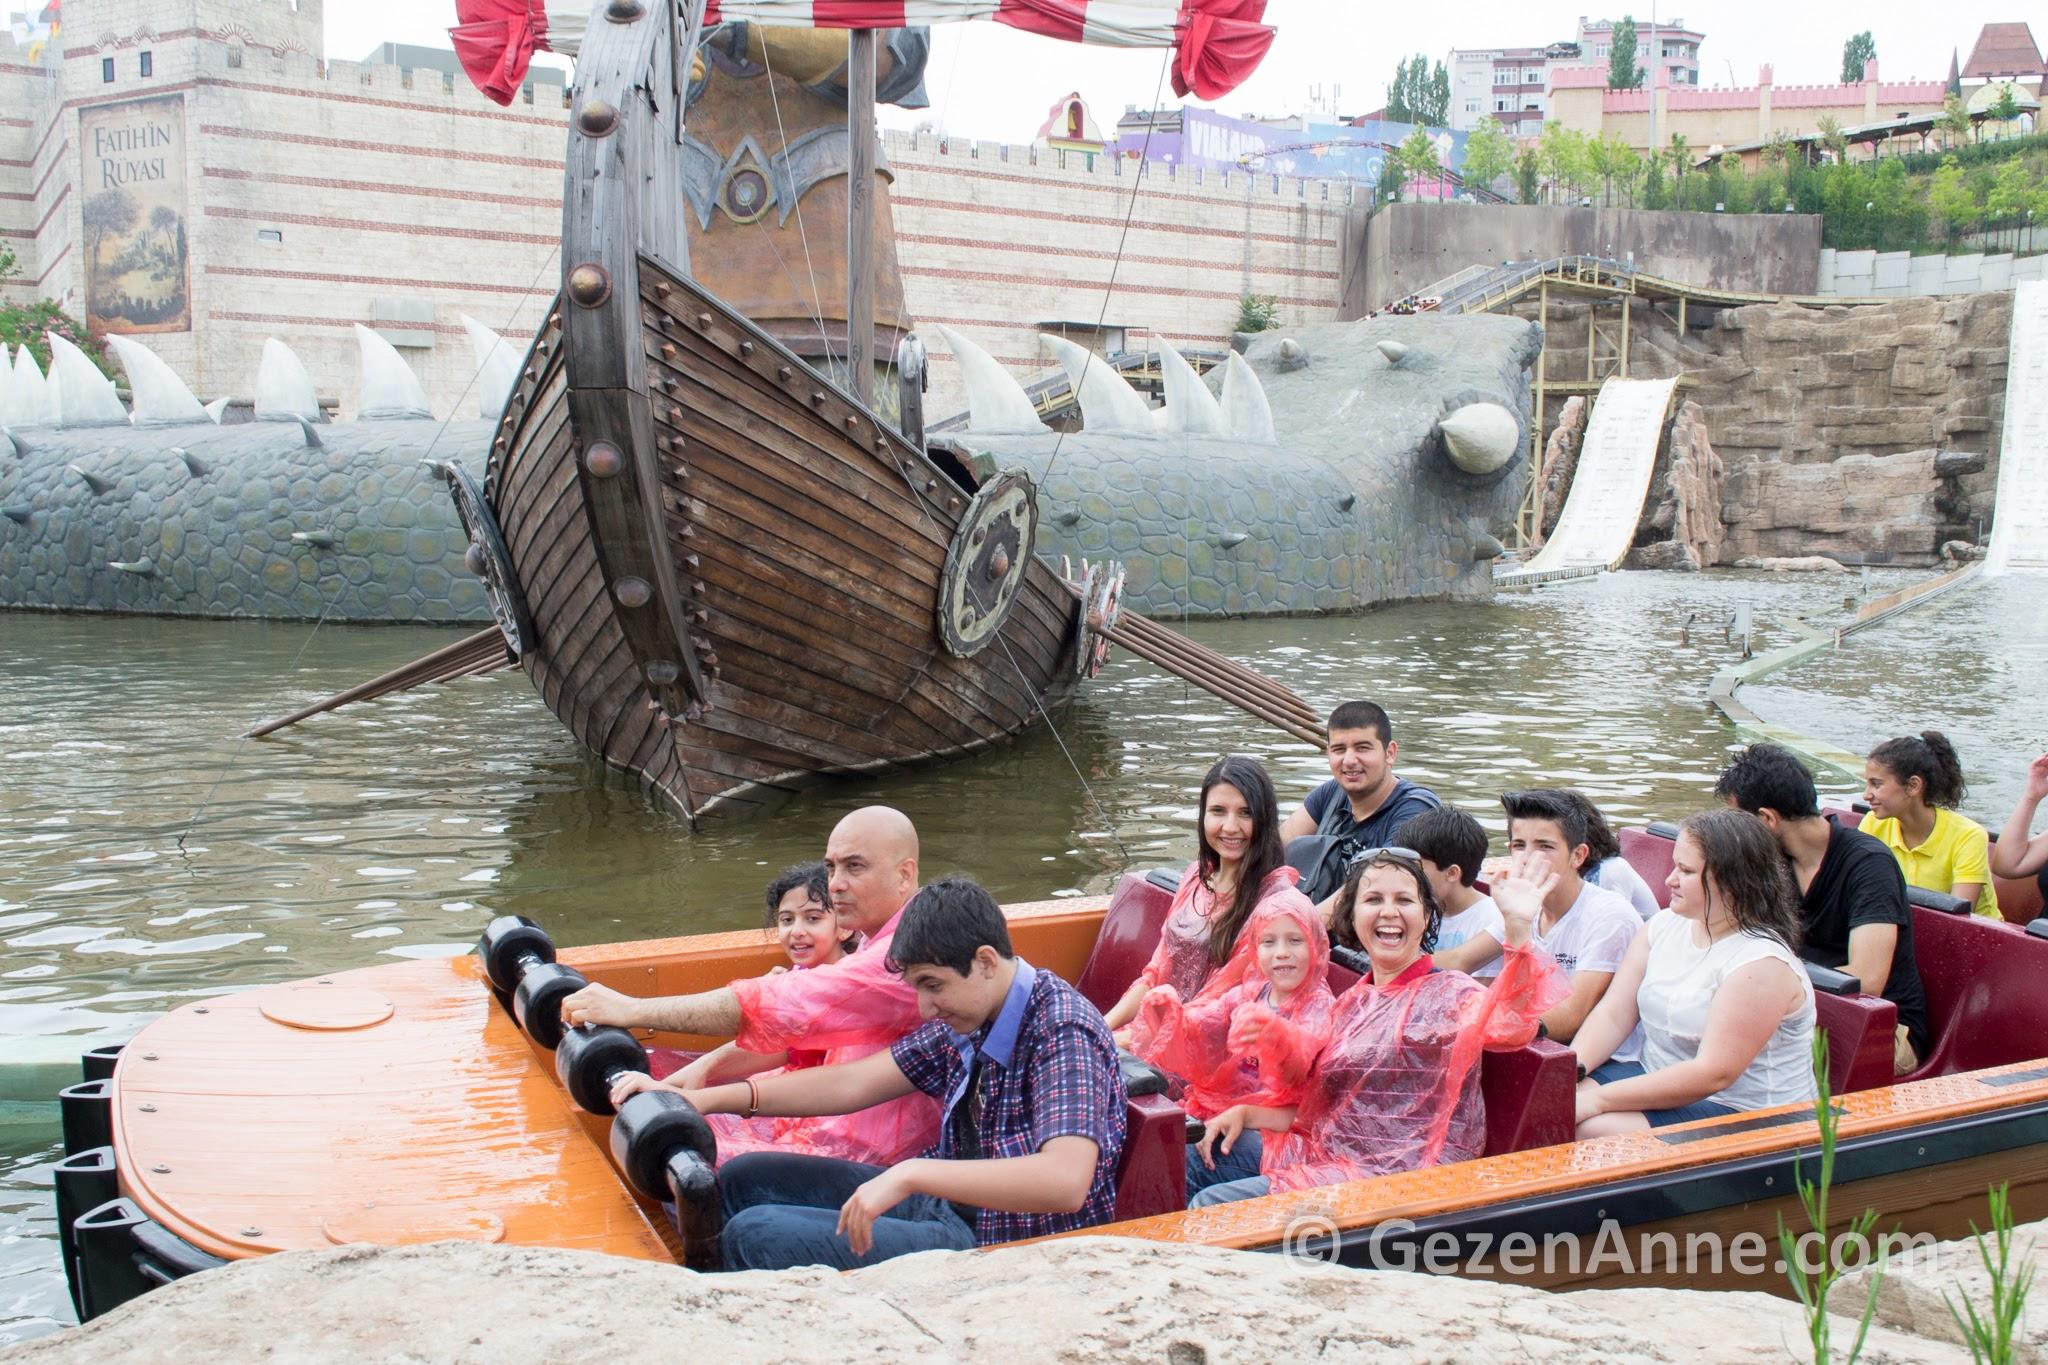 İstanbul'da çocukla gidilecek eğlenceli yerlerden Vialand lunaparkı